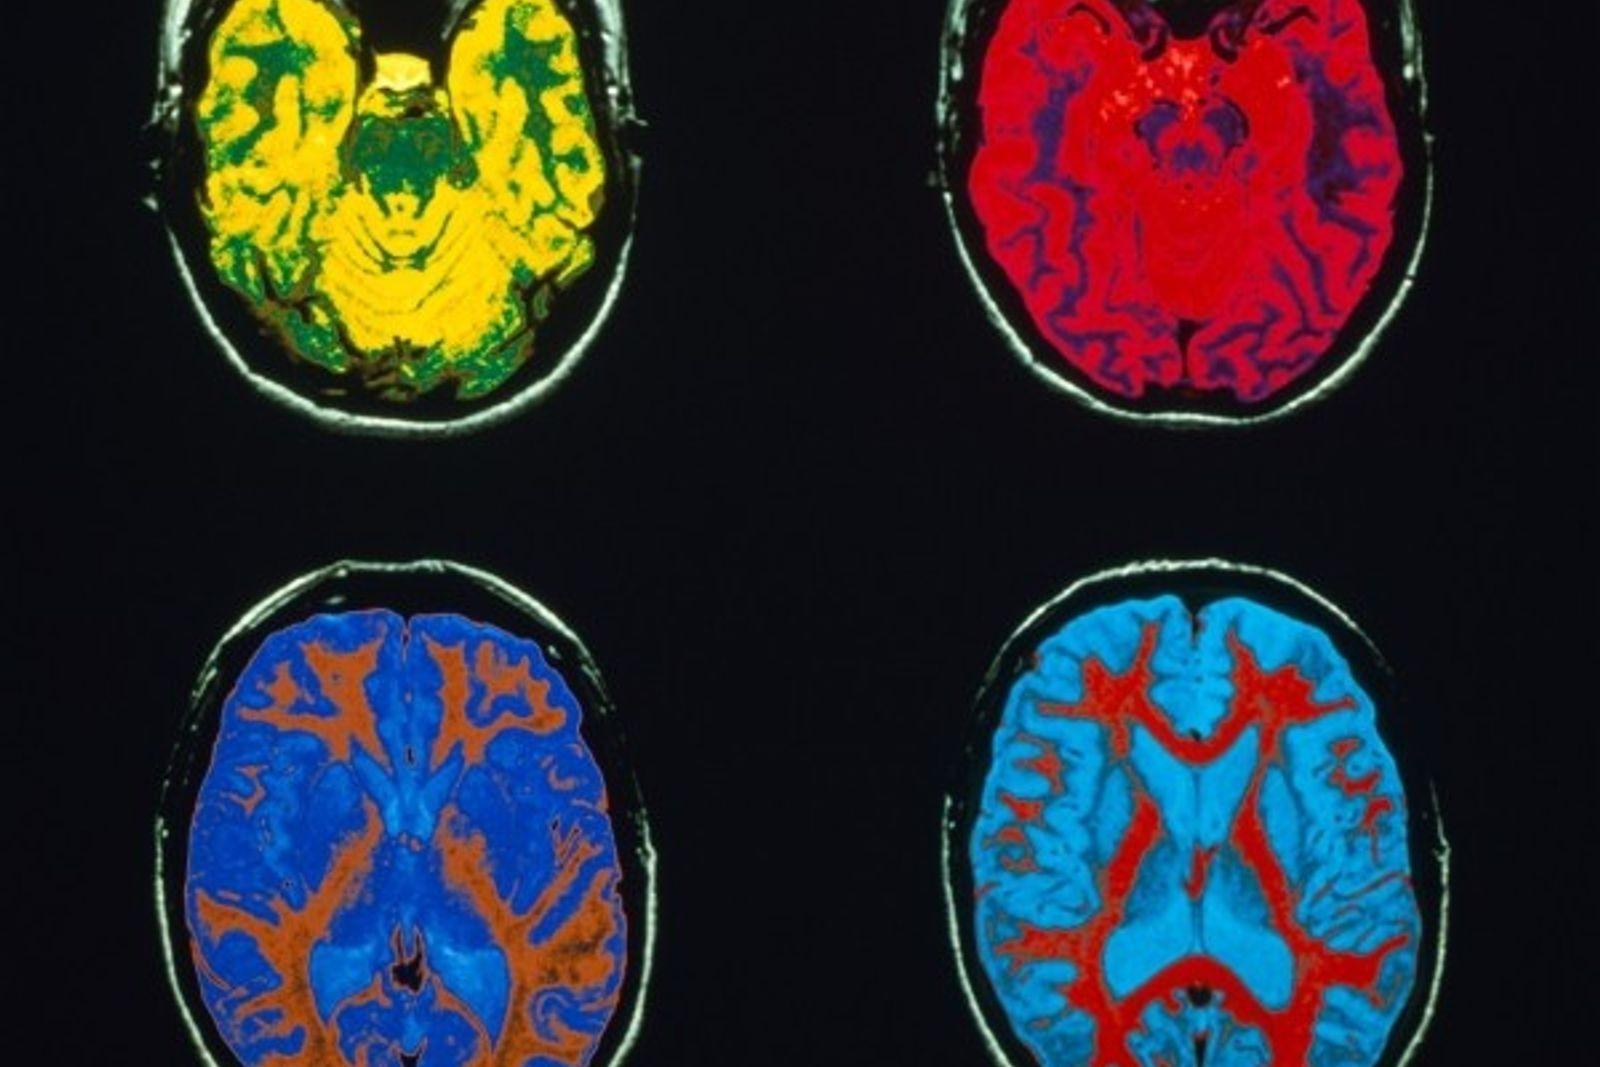 Fotos del cerebro humano